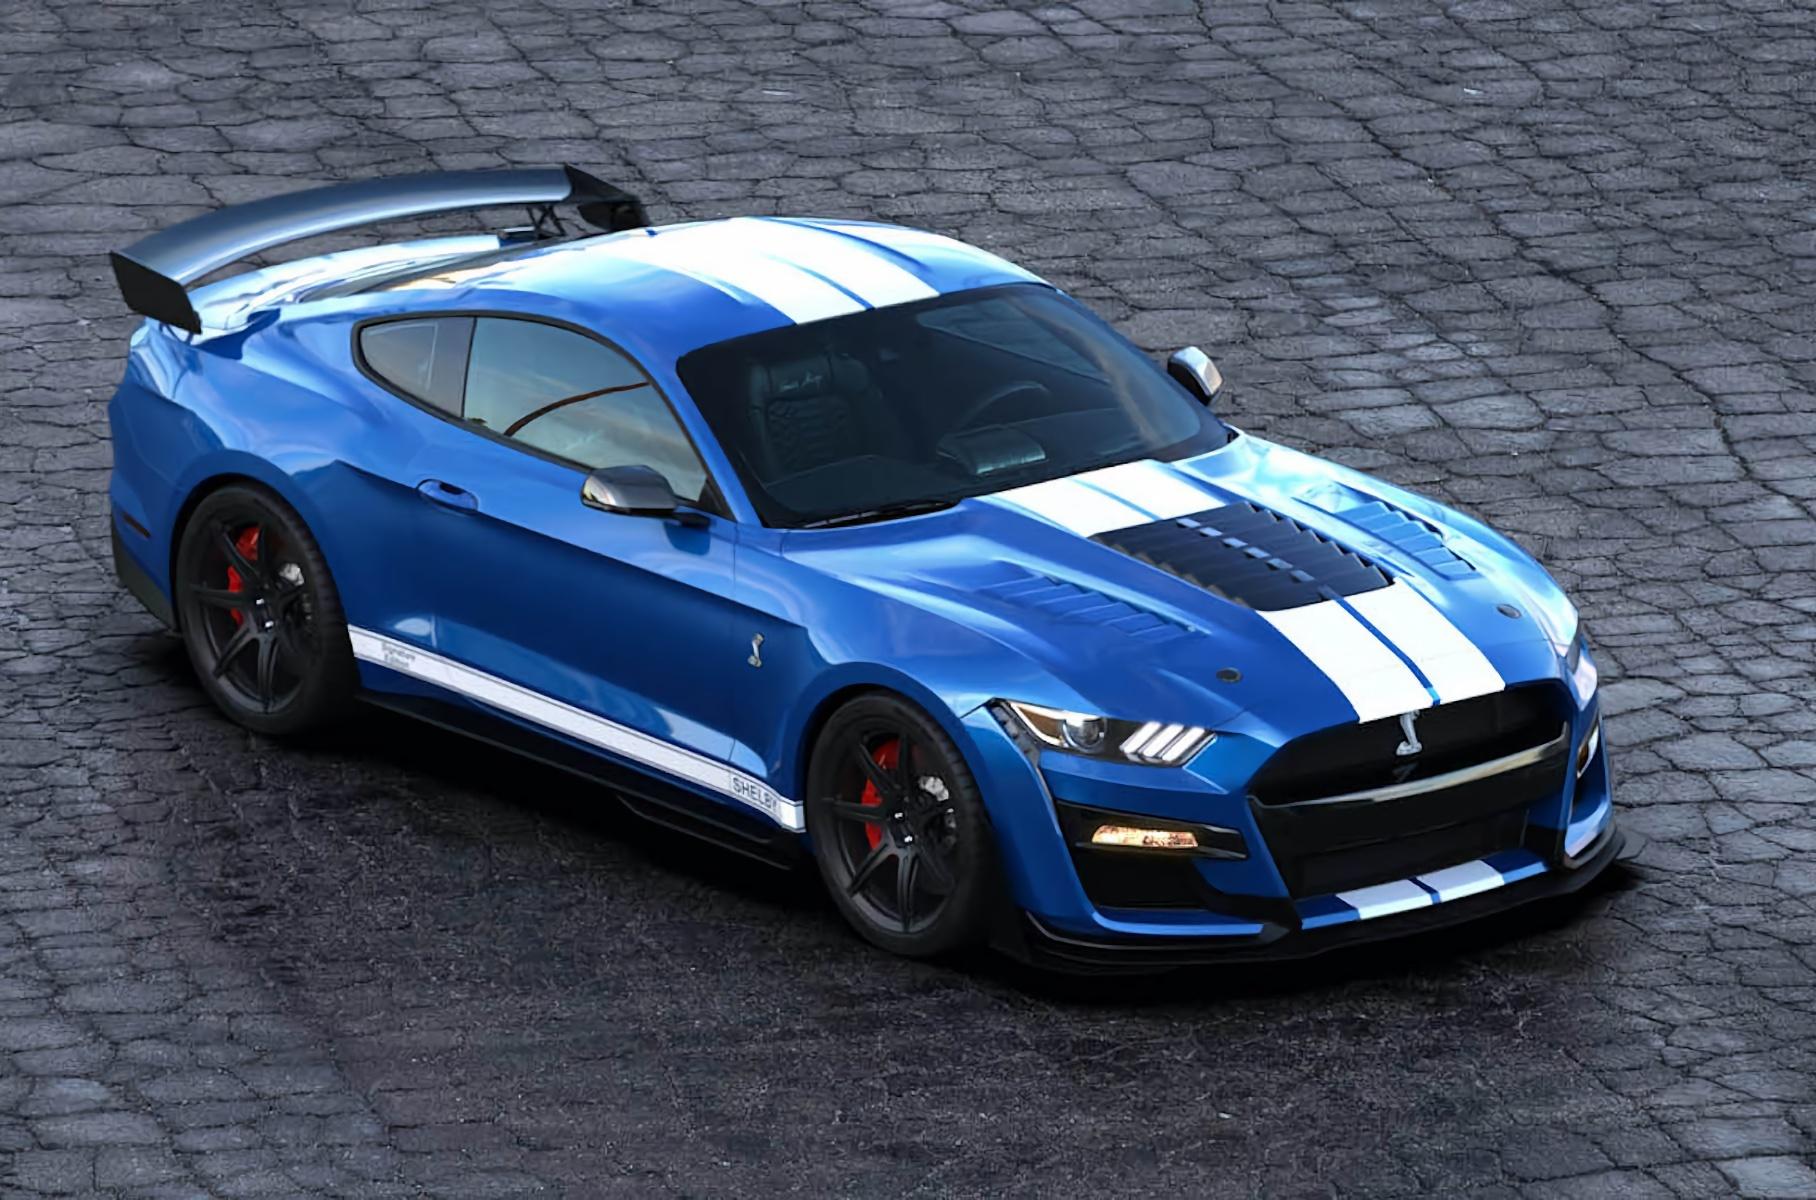 Shelby предложила владельцам GT500 пакет улучшений под названием Carroll Shelby SE, увеличивающий производительность до 800 с лишним л.с.